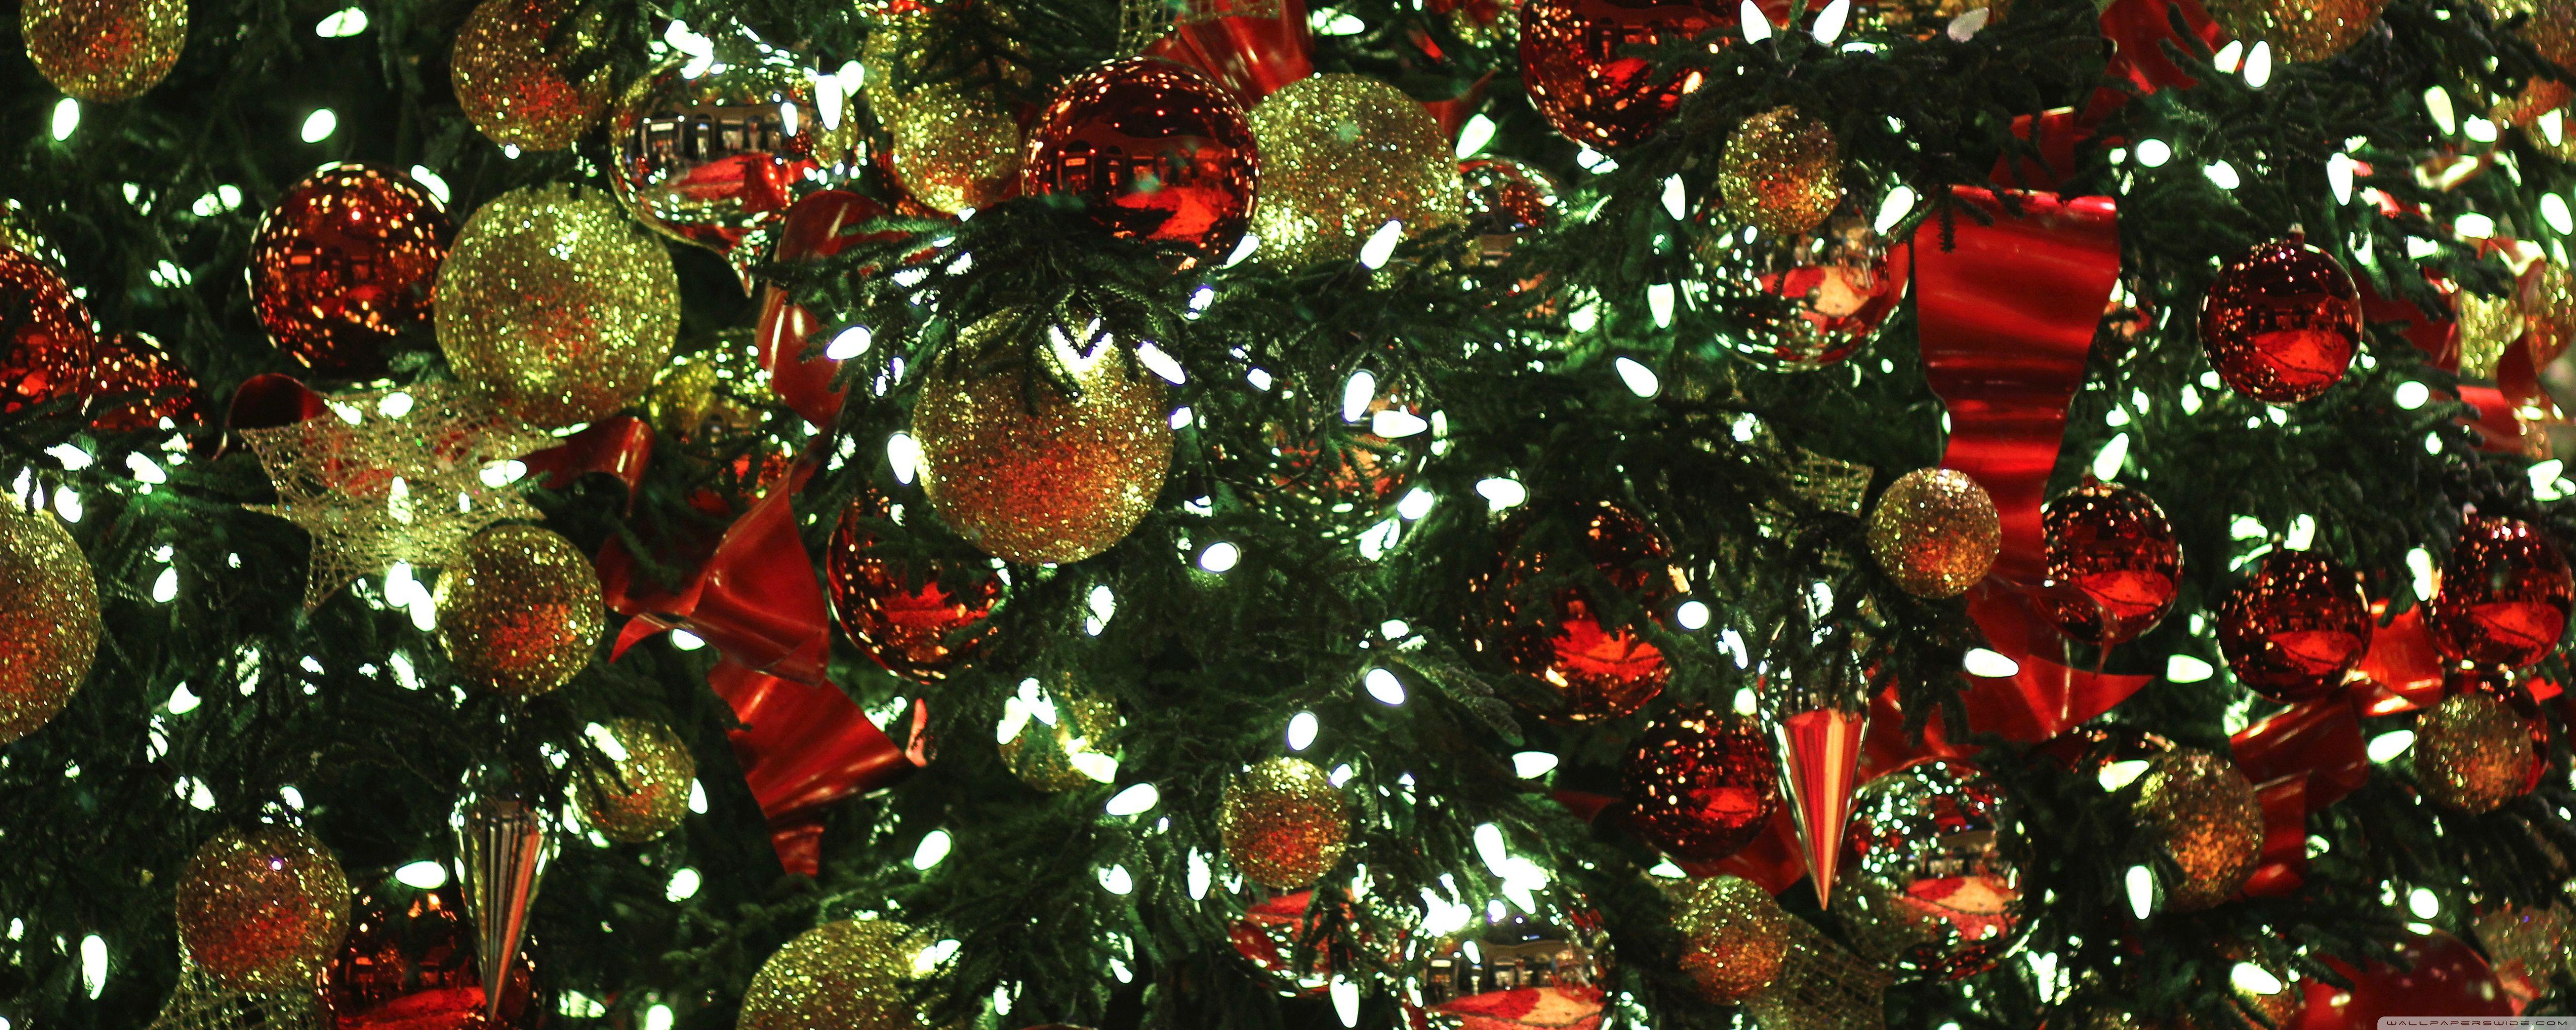 Ballagio Christmas HD desktop wallpaper Widescreen High